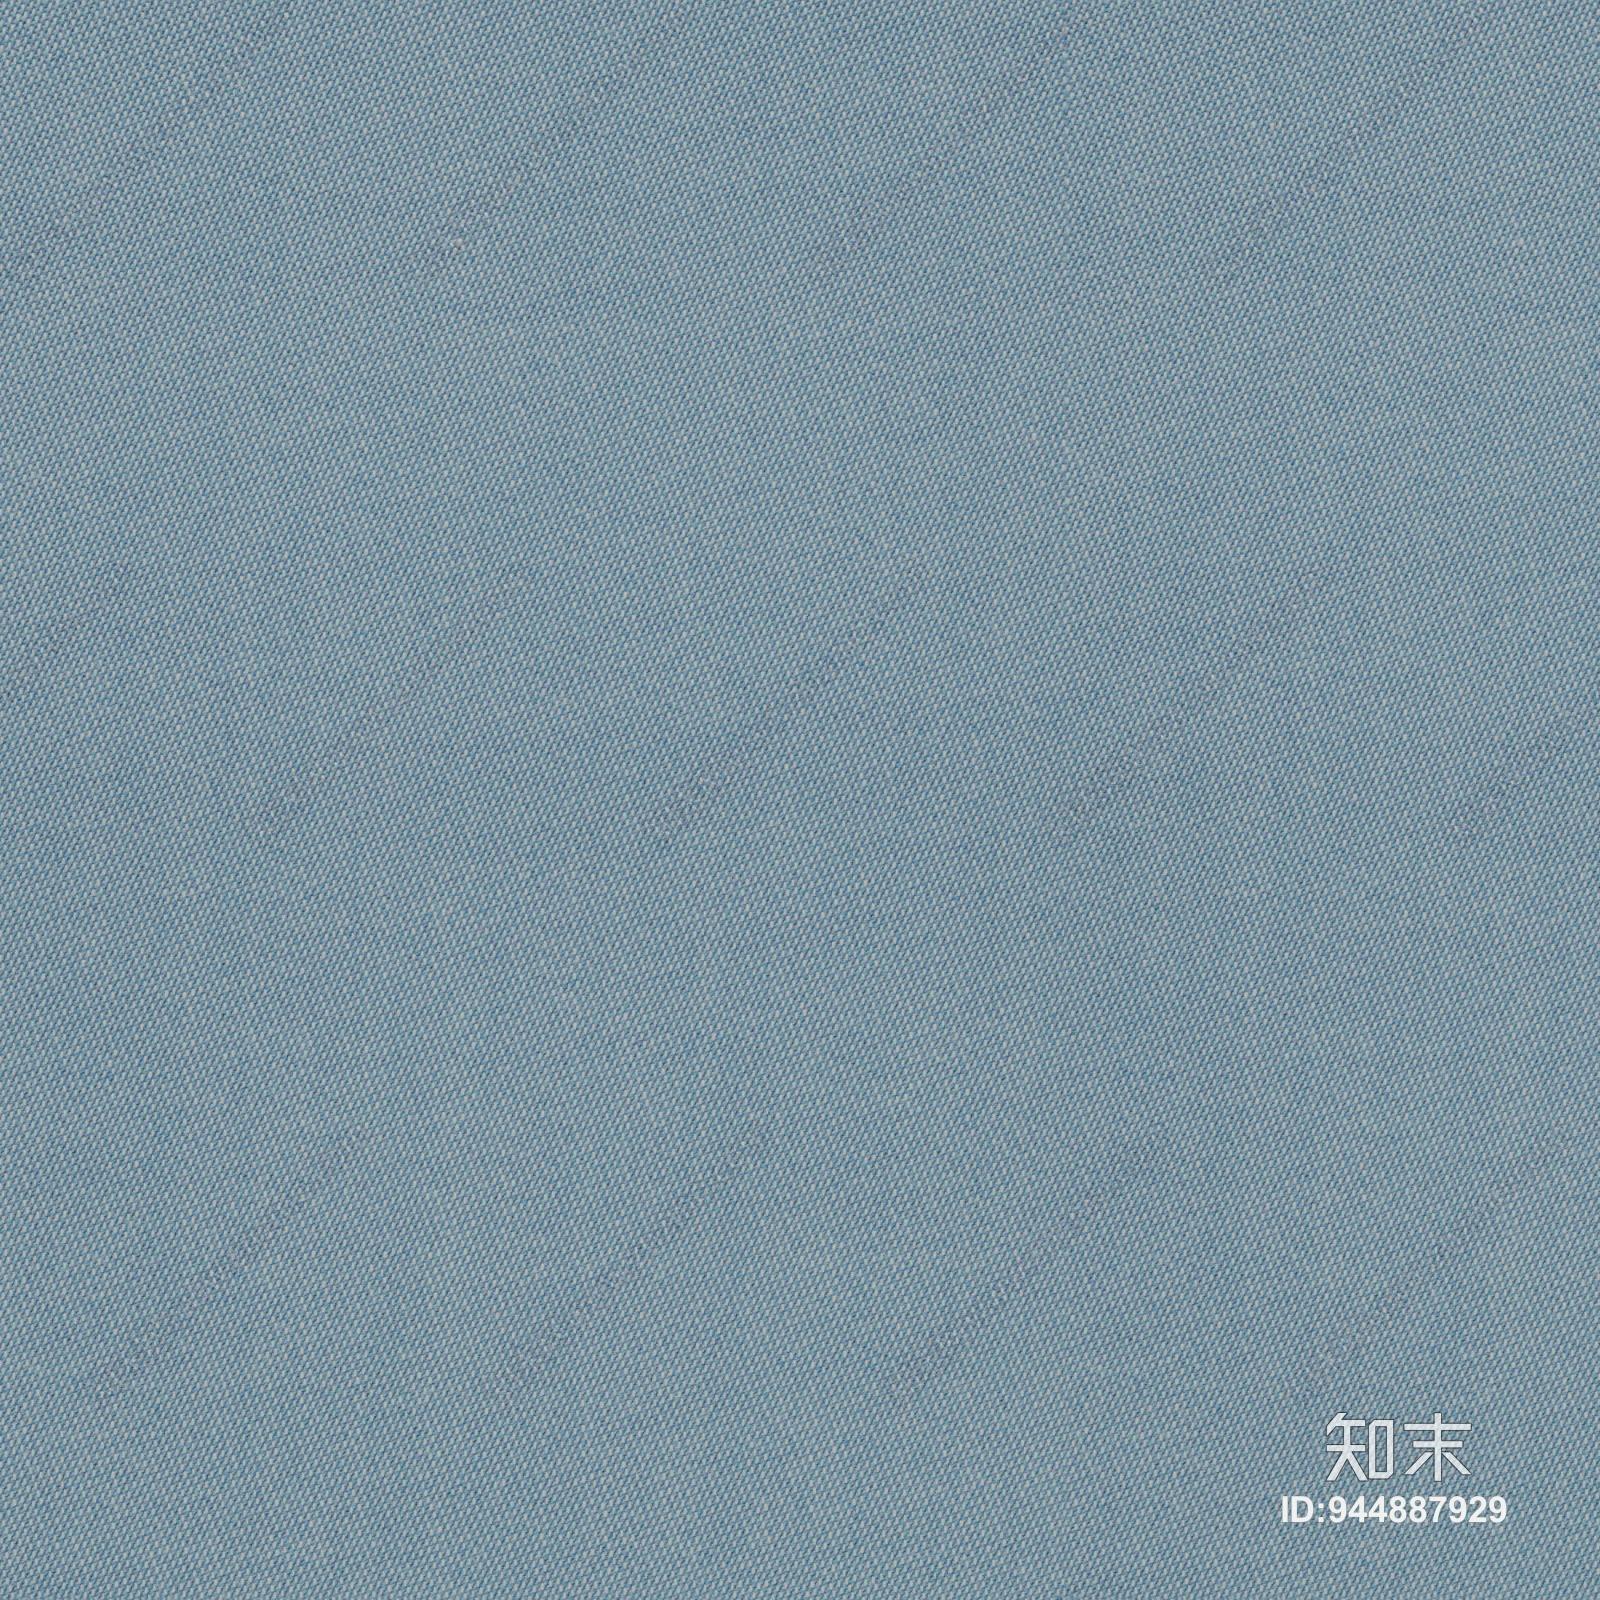 高清蓝灰色布纹贴图下载【ID:944887929】